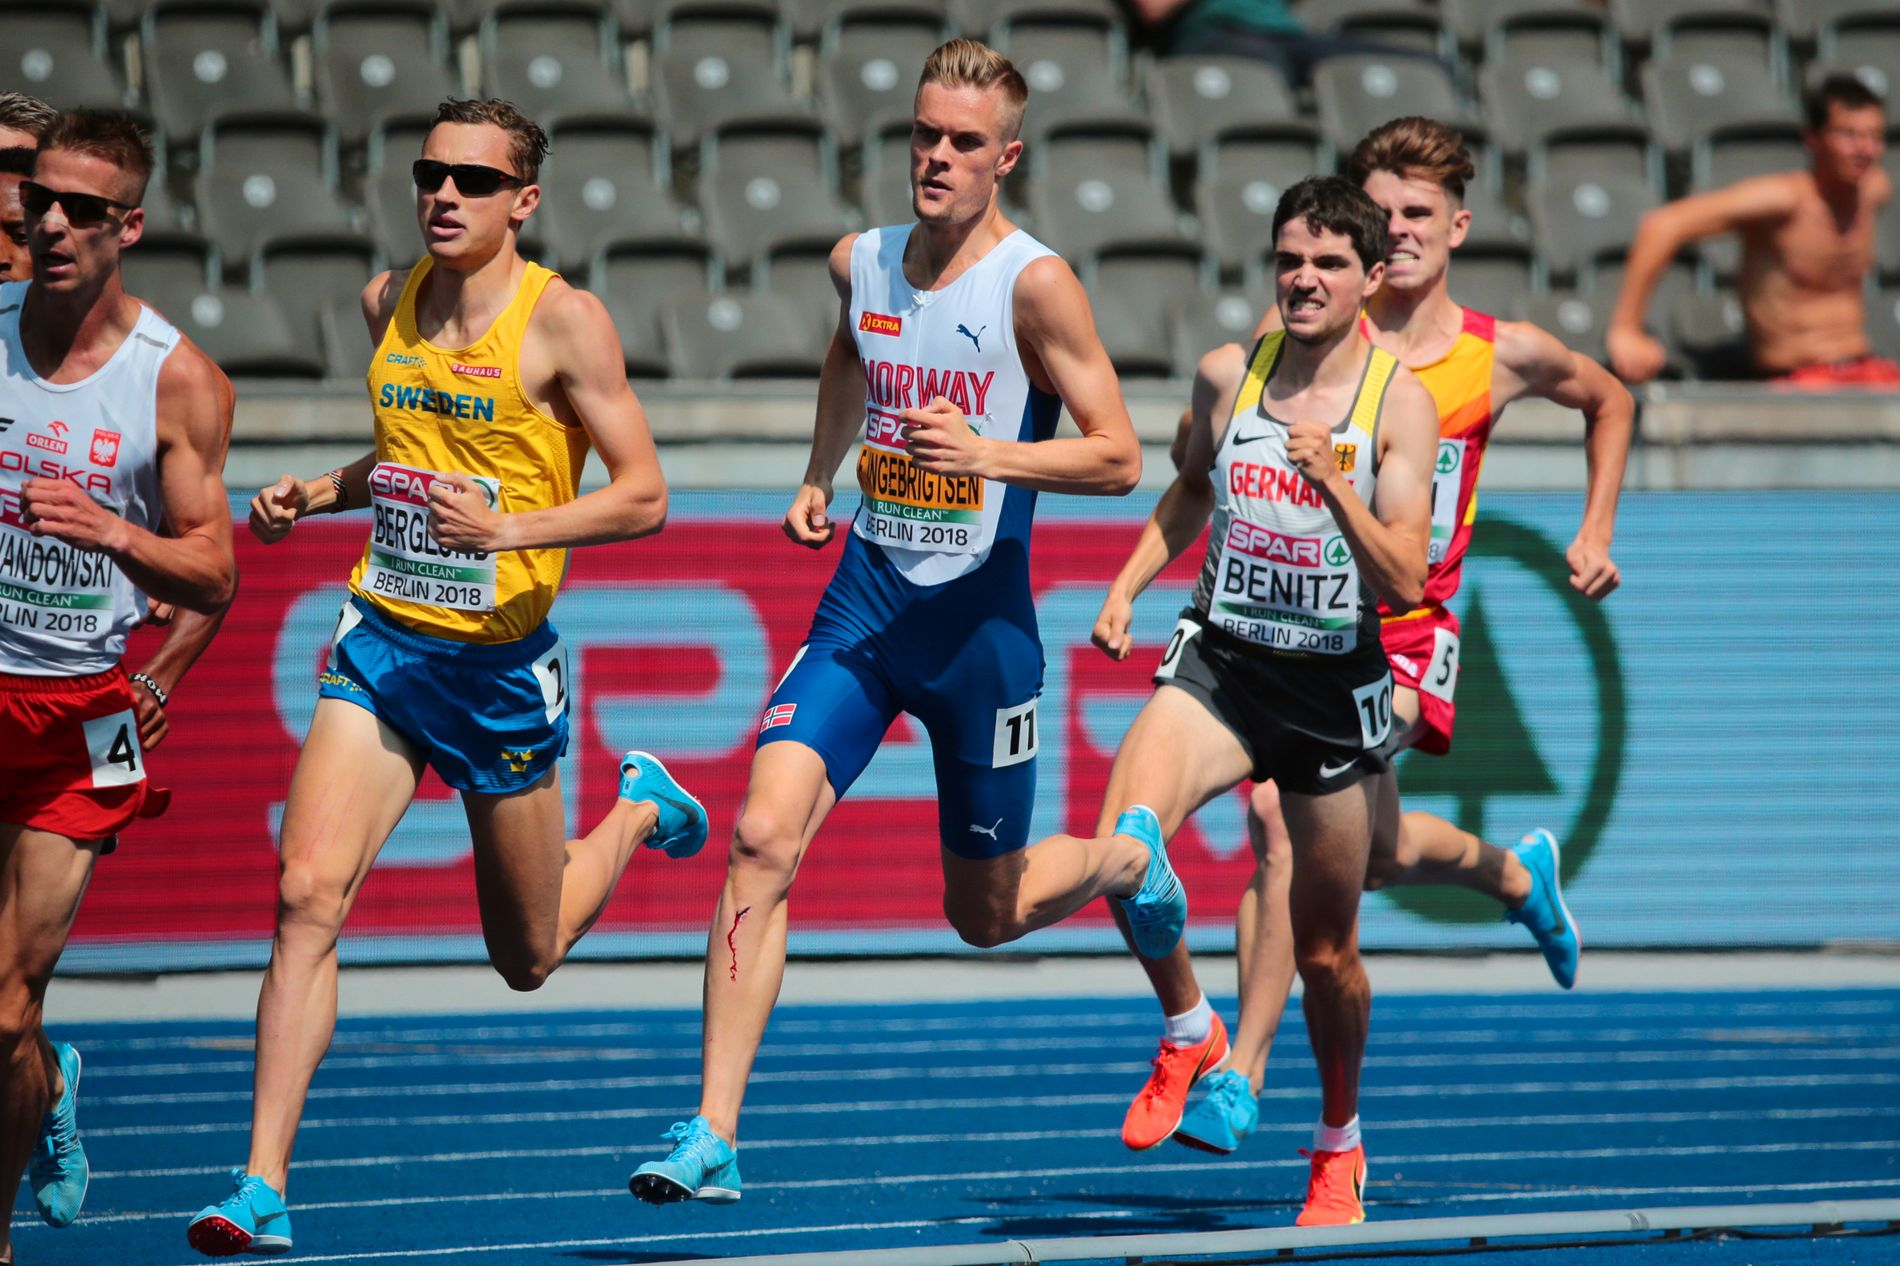 KONKURRENTER: Filip Ingebrigtsen ble beskyldt for doping av Timo Benitz (til høyre for nordmannen) etter onsdagens 1500 meter på Olympiastadion.